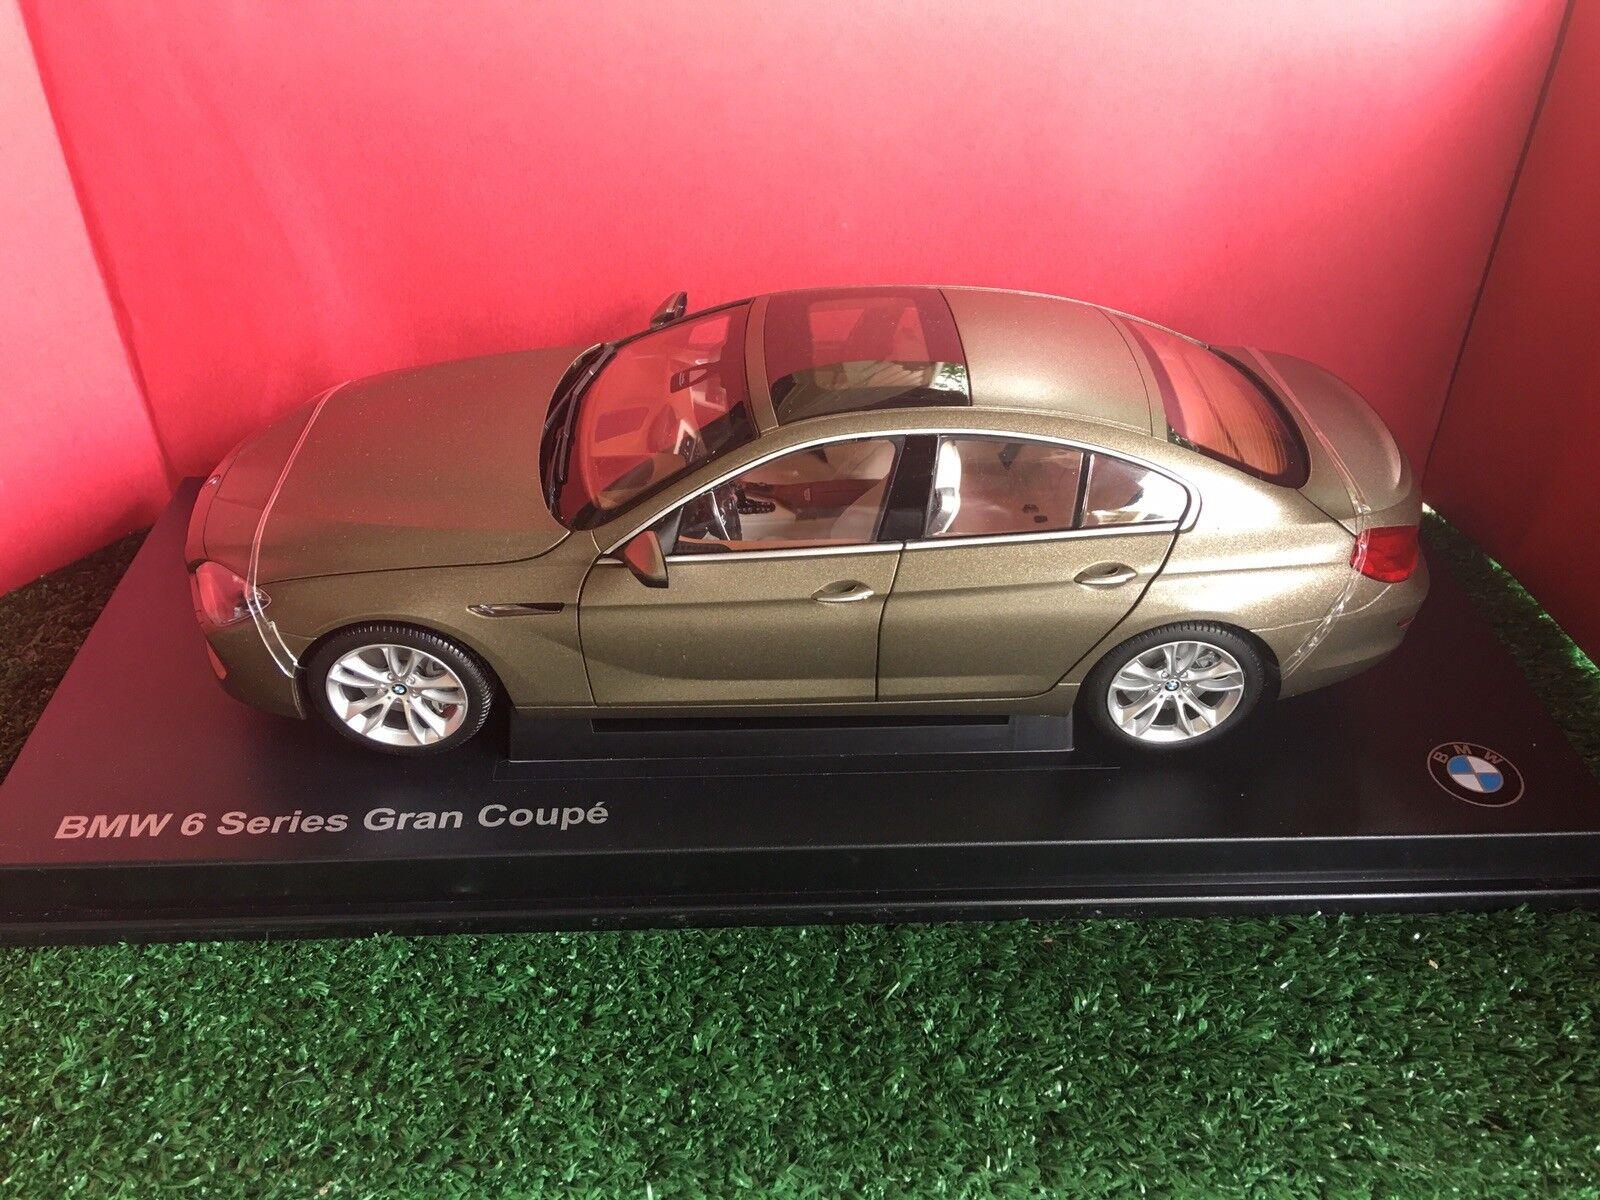 Bmw 650i gt 6 series 1   18 gran coupé